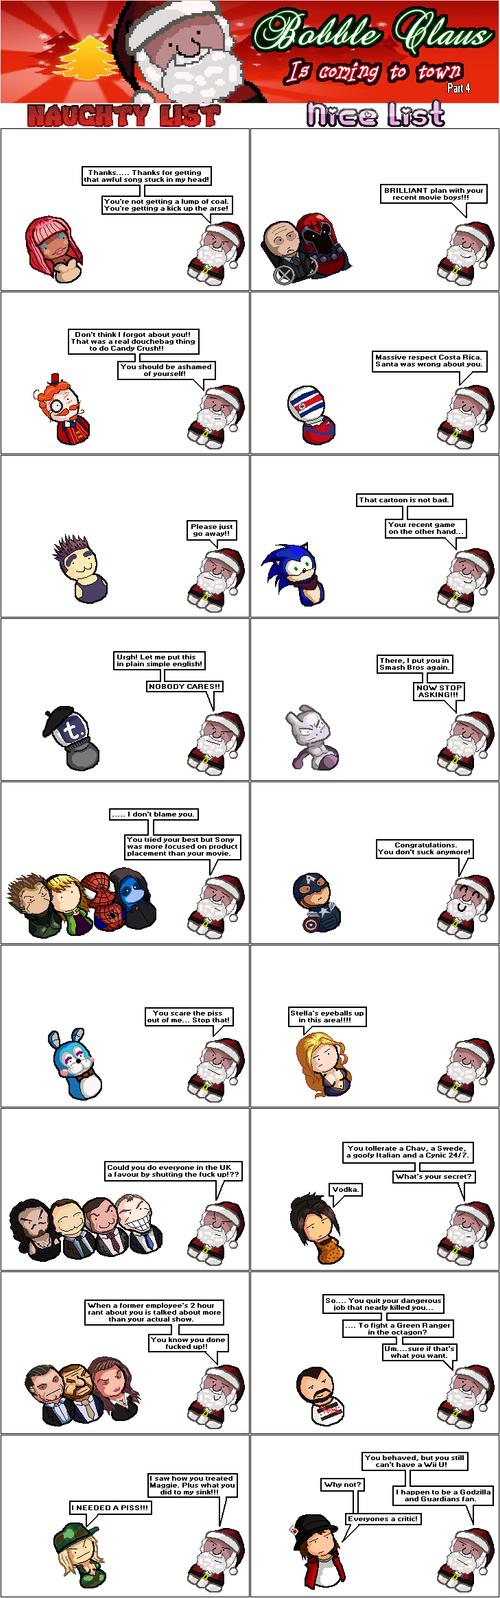 457 - Bobble Claus part 4 by RandomDC3